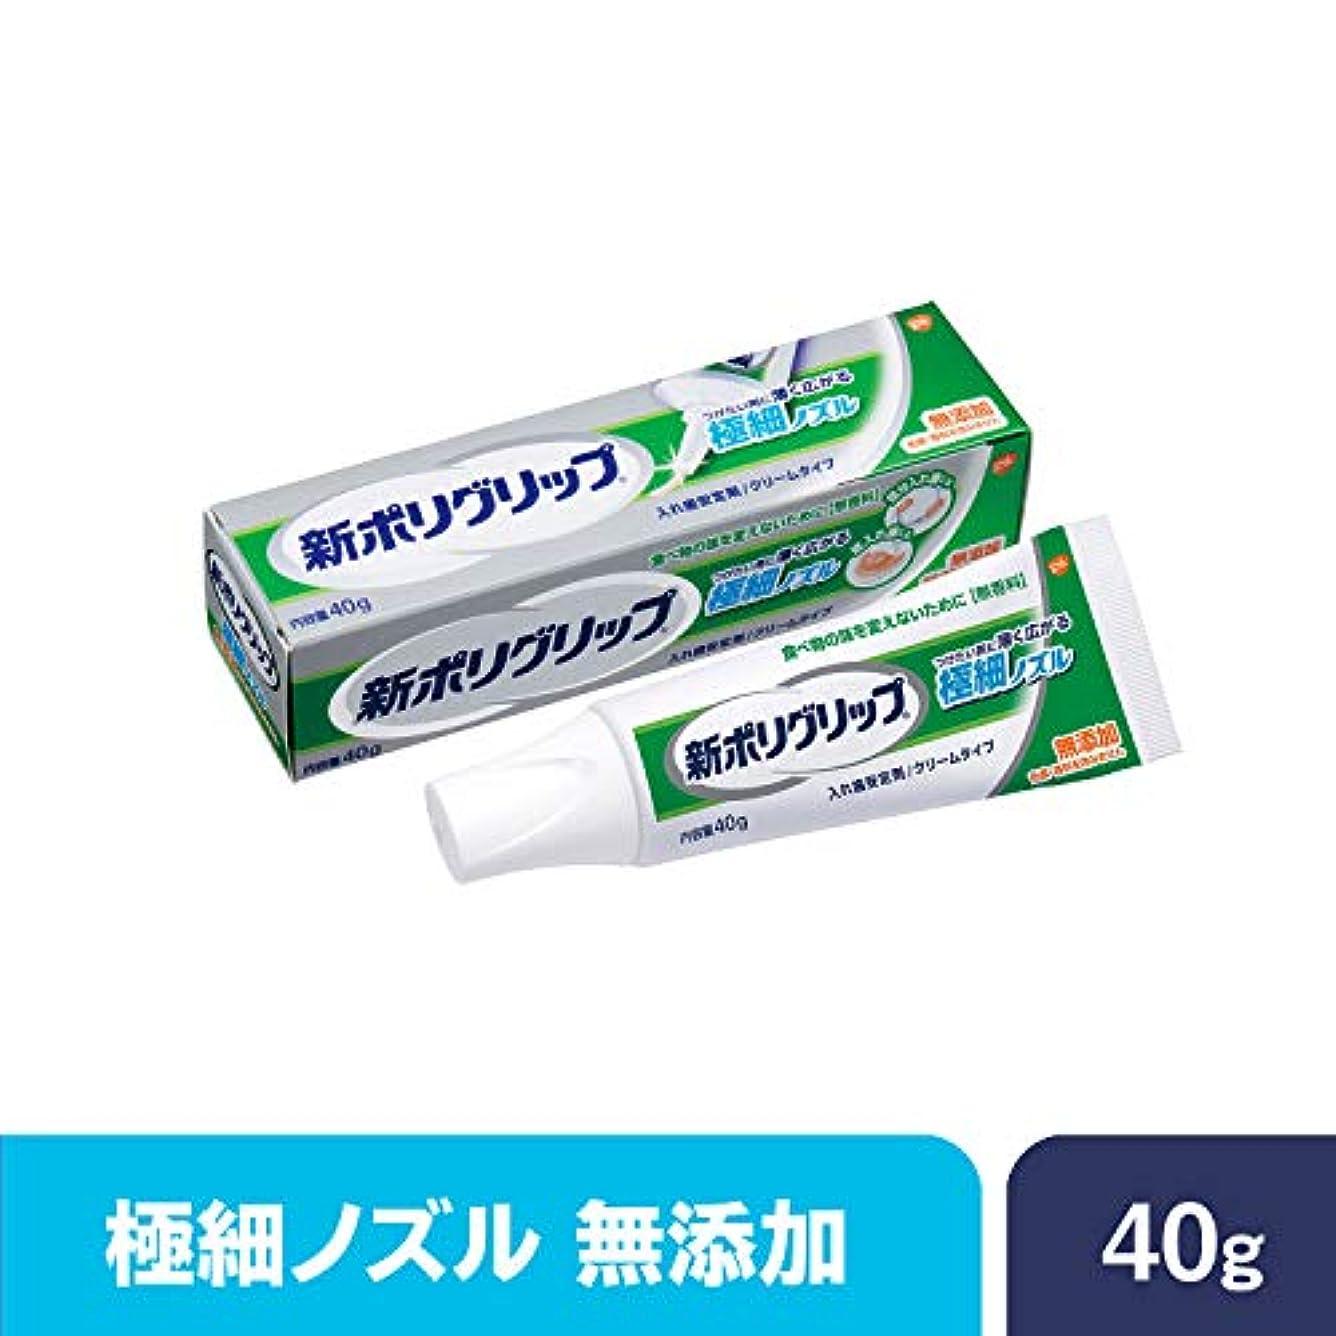 サドルワットパイント部分?総入れ歯安定剤 新ポリグリップ極細ノズル 無添加 40g